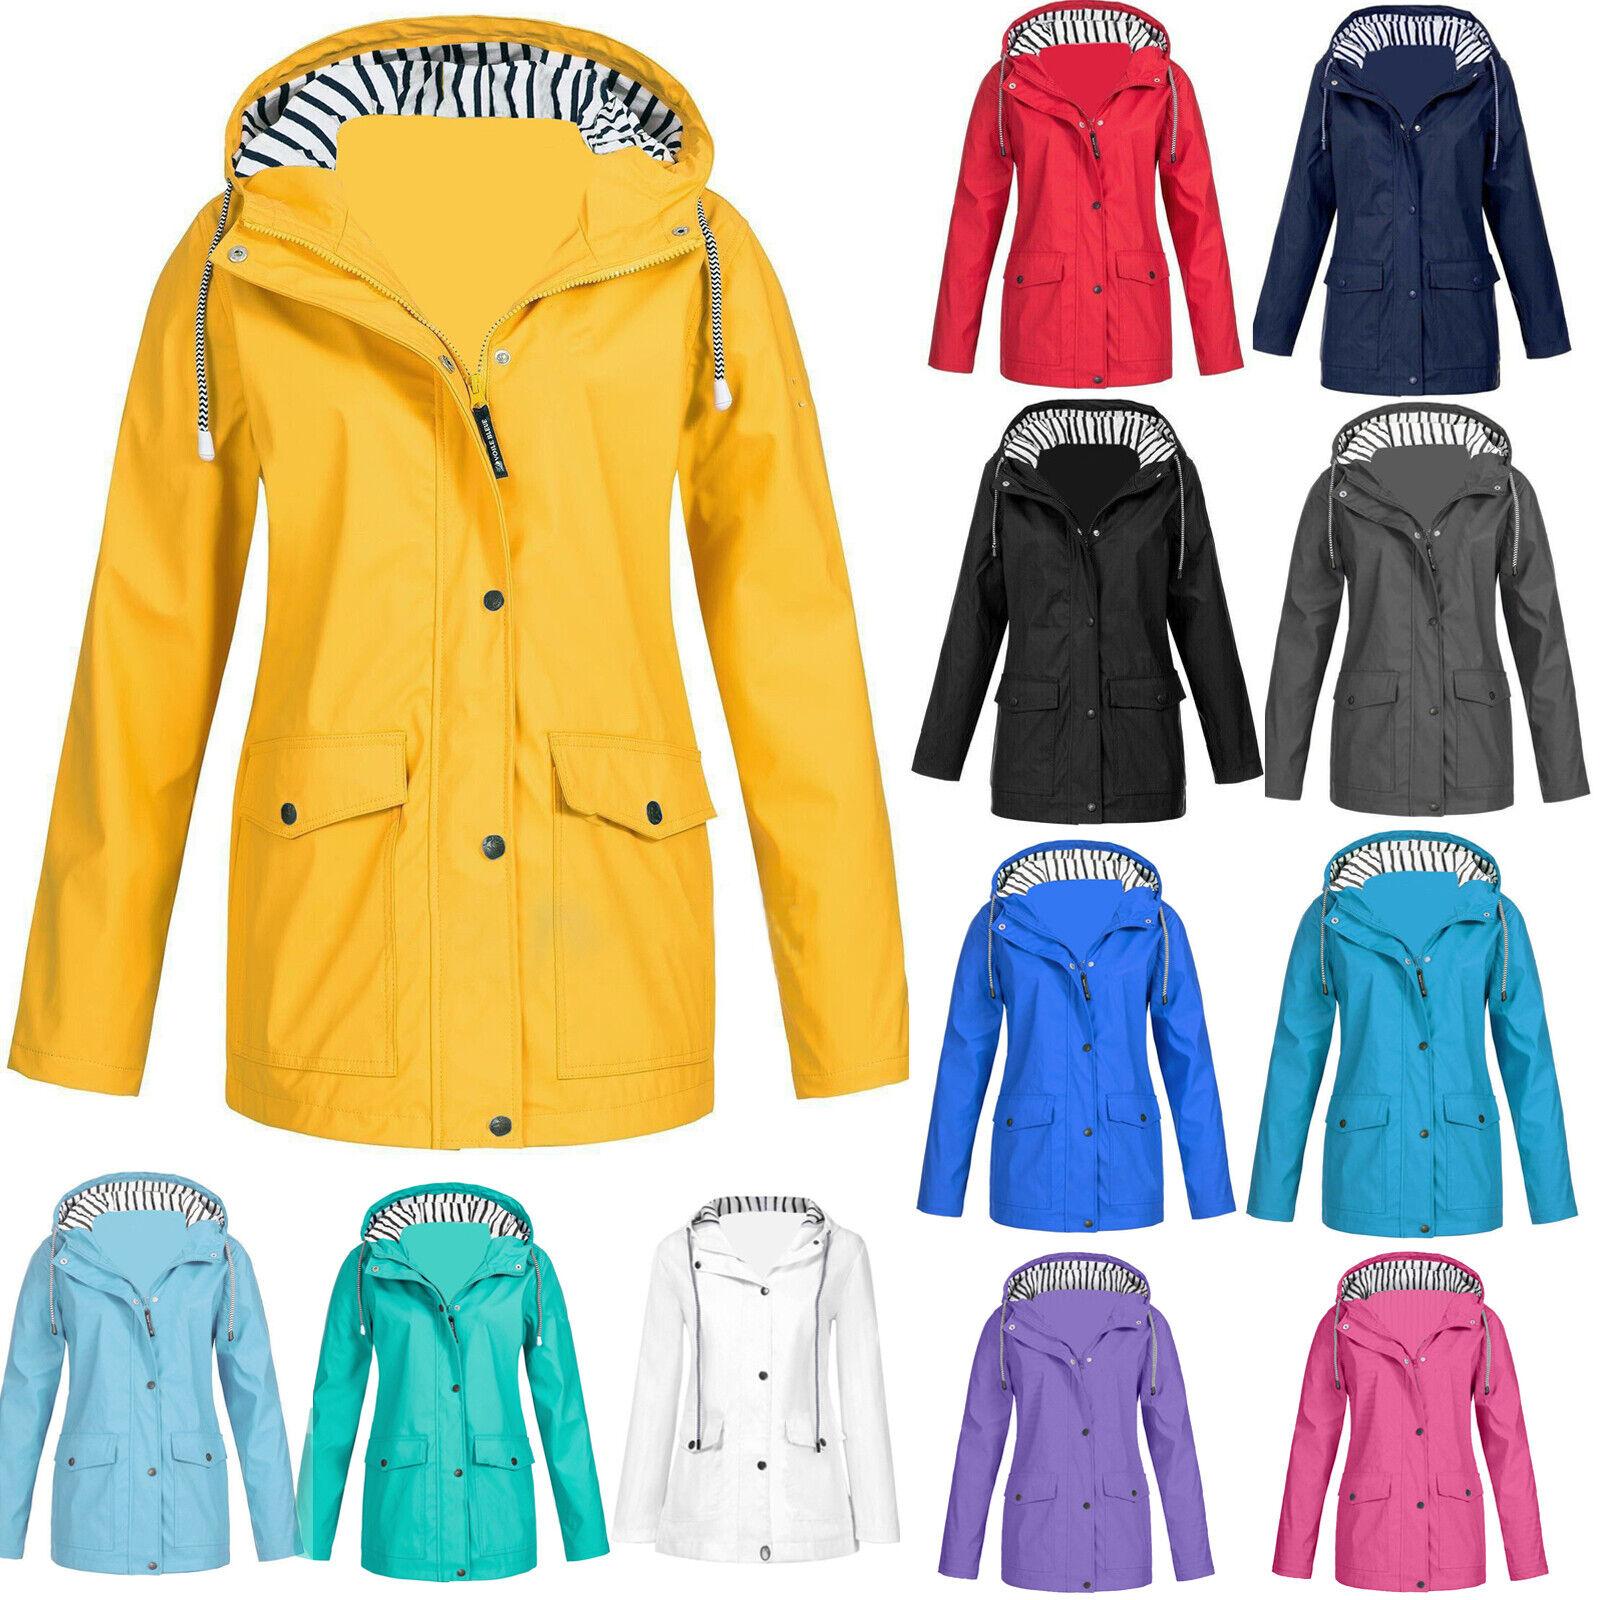 Womens Waterproof Raincoat Casual Jacket Wind Breaker Coat Forest Hiking Ladies